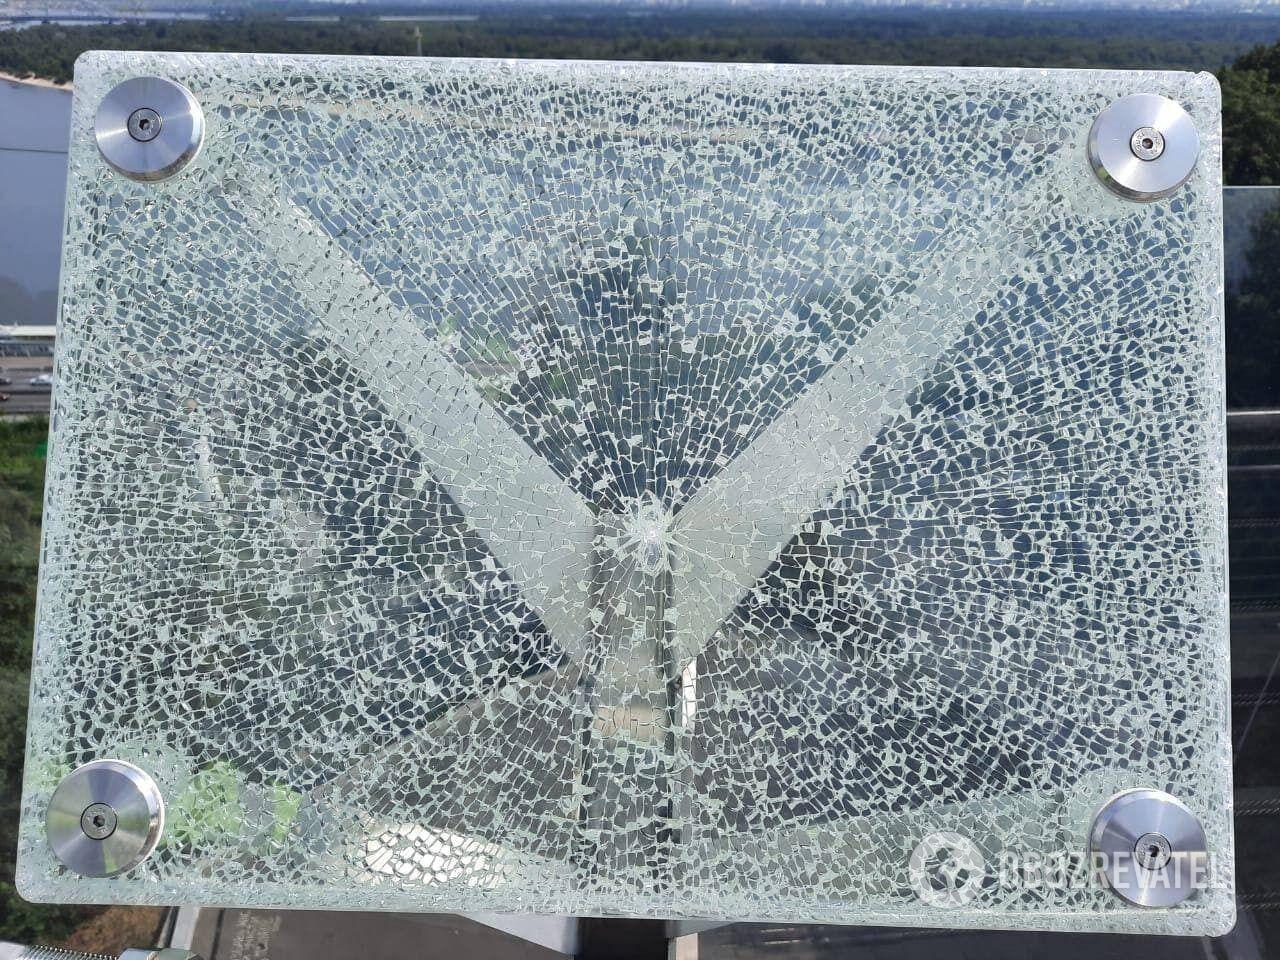 Вандал разбил два стеклянных информационных стенда.